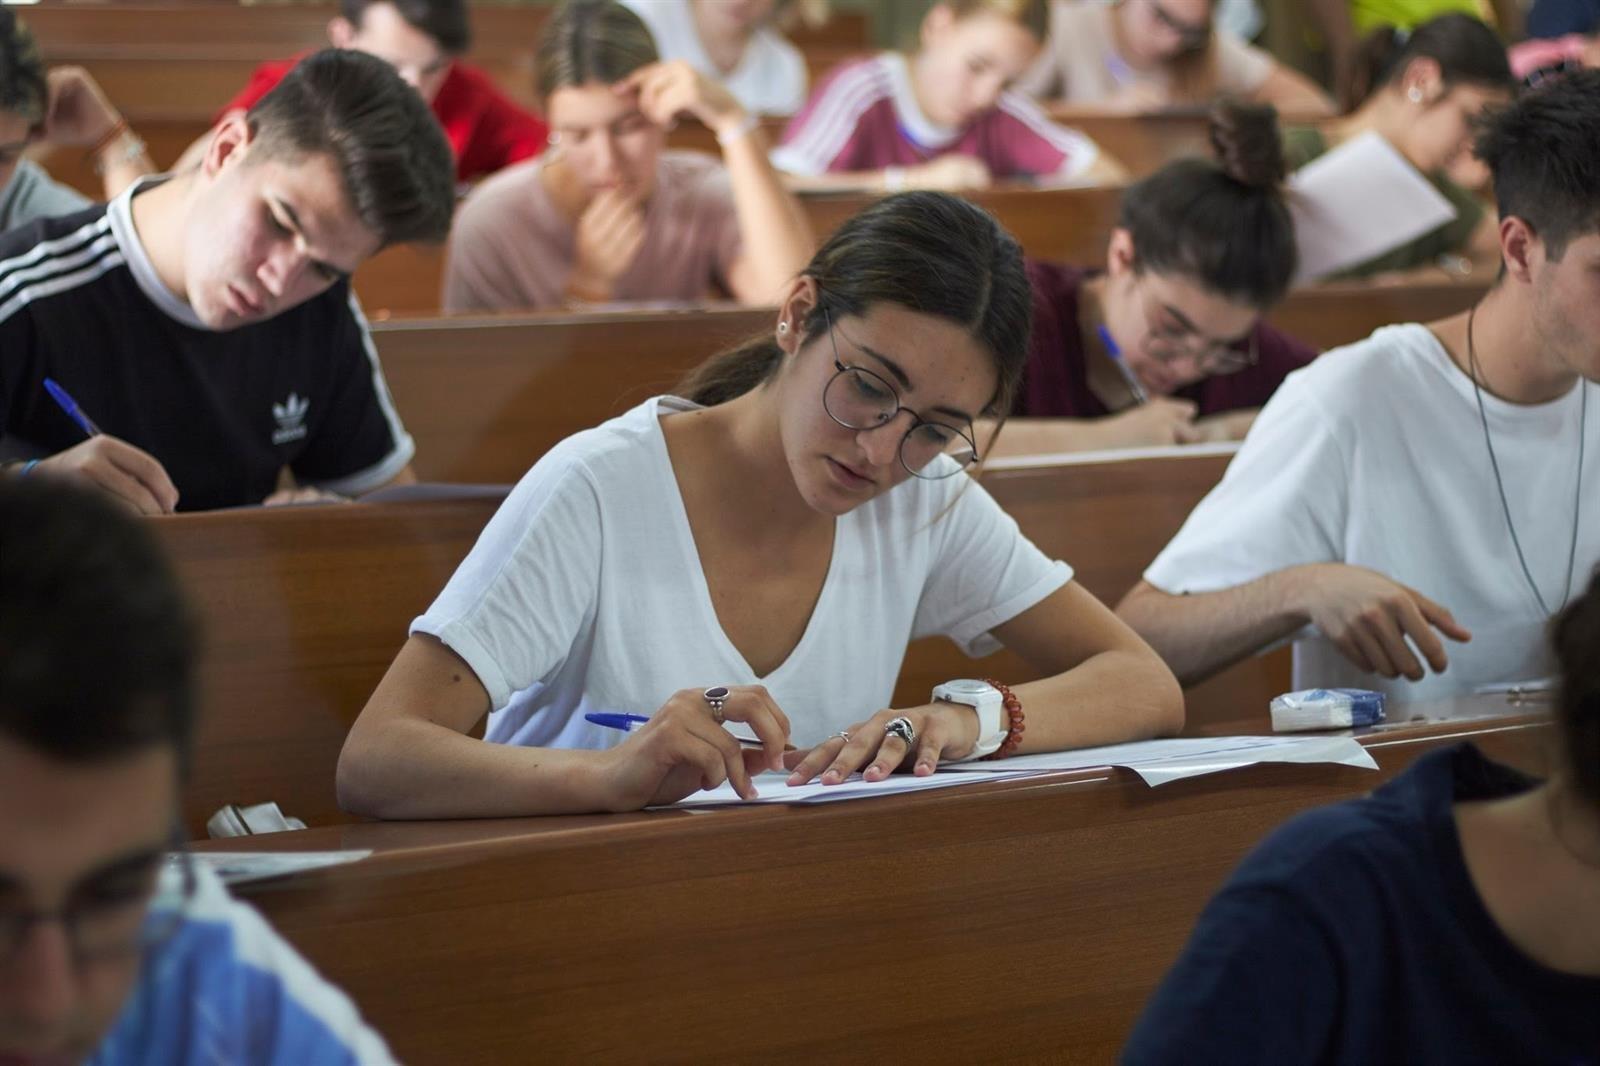 Treinta y seis sedes acogerán los exámenes de selectividad este año, doce más que el anterior